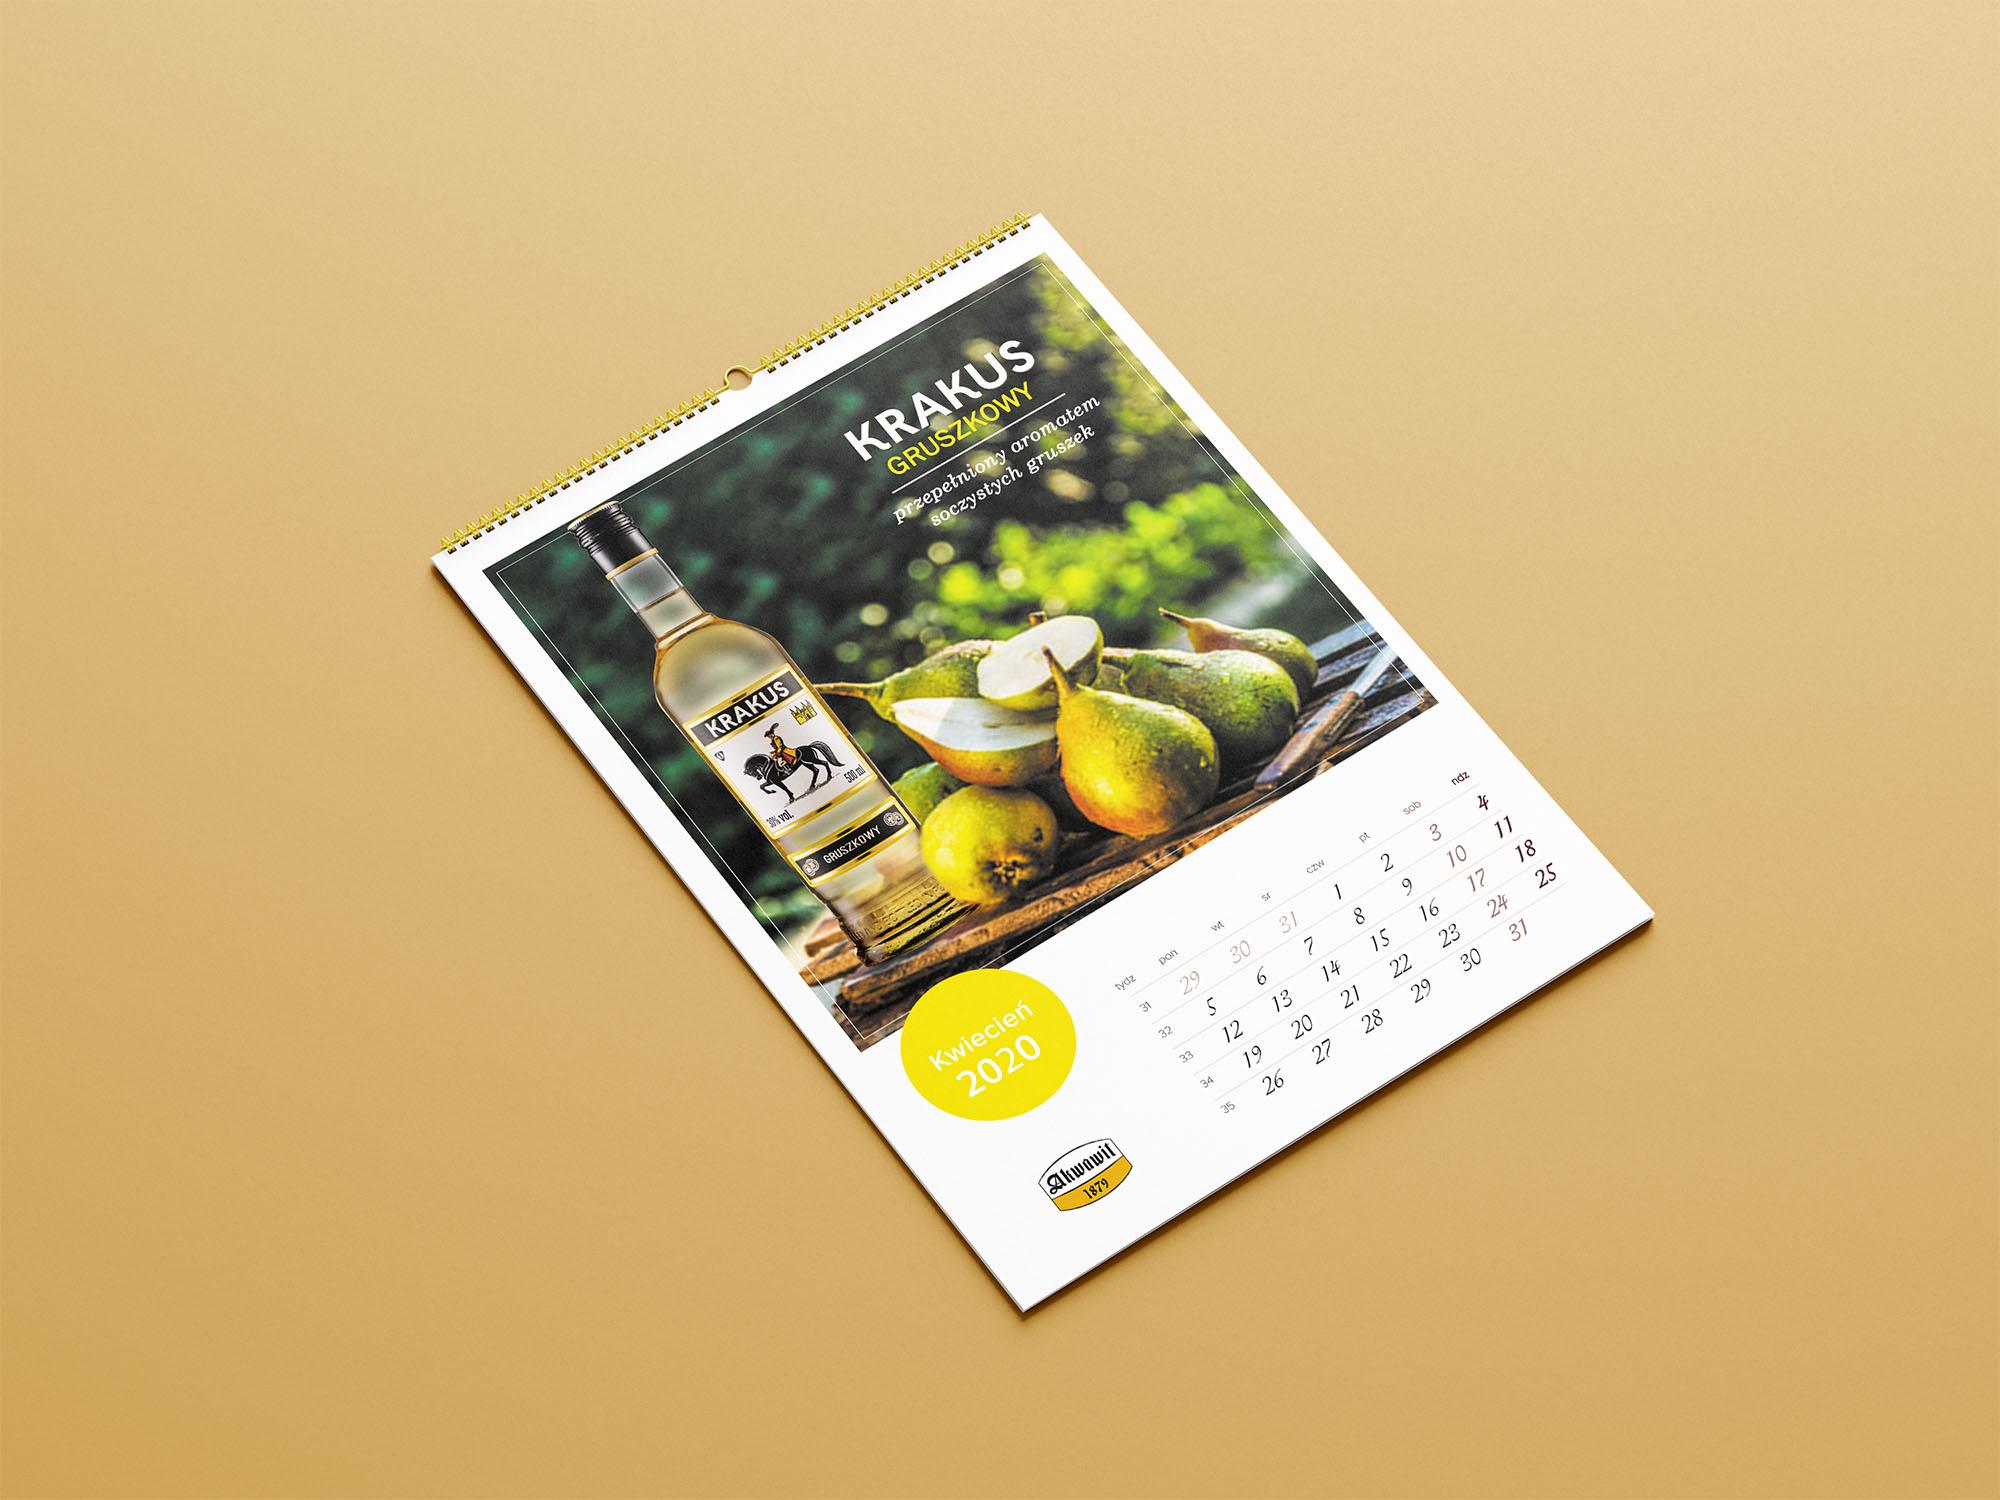 dd dobra drukarnia, kalendarz wiszący, kalendarz 6 kartkowy, kalendarz reklamowy